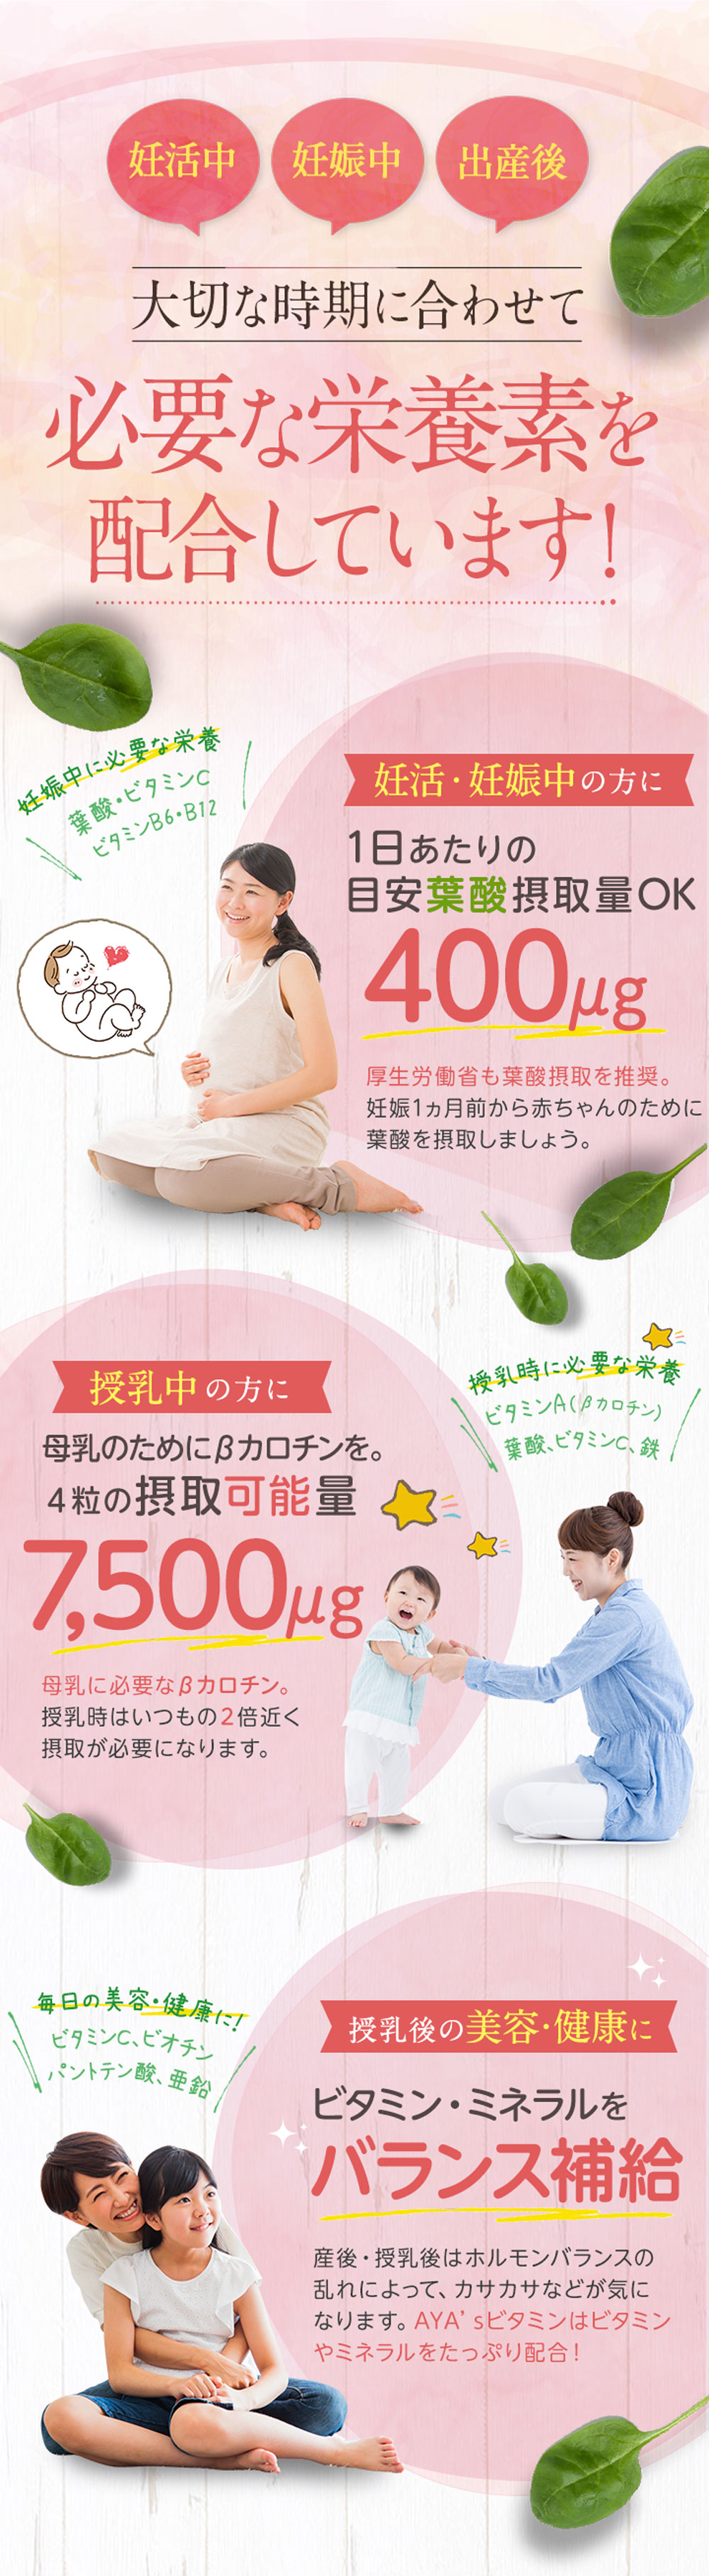 妊活、妊娠、産後の大切な時期に合わせて必要な栄養素を配合しています。ビタミンは多くの栄養素と一緒に摂ることが大切です。